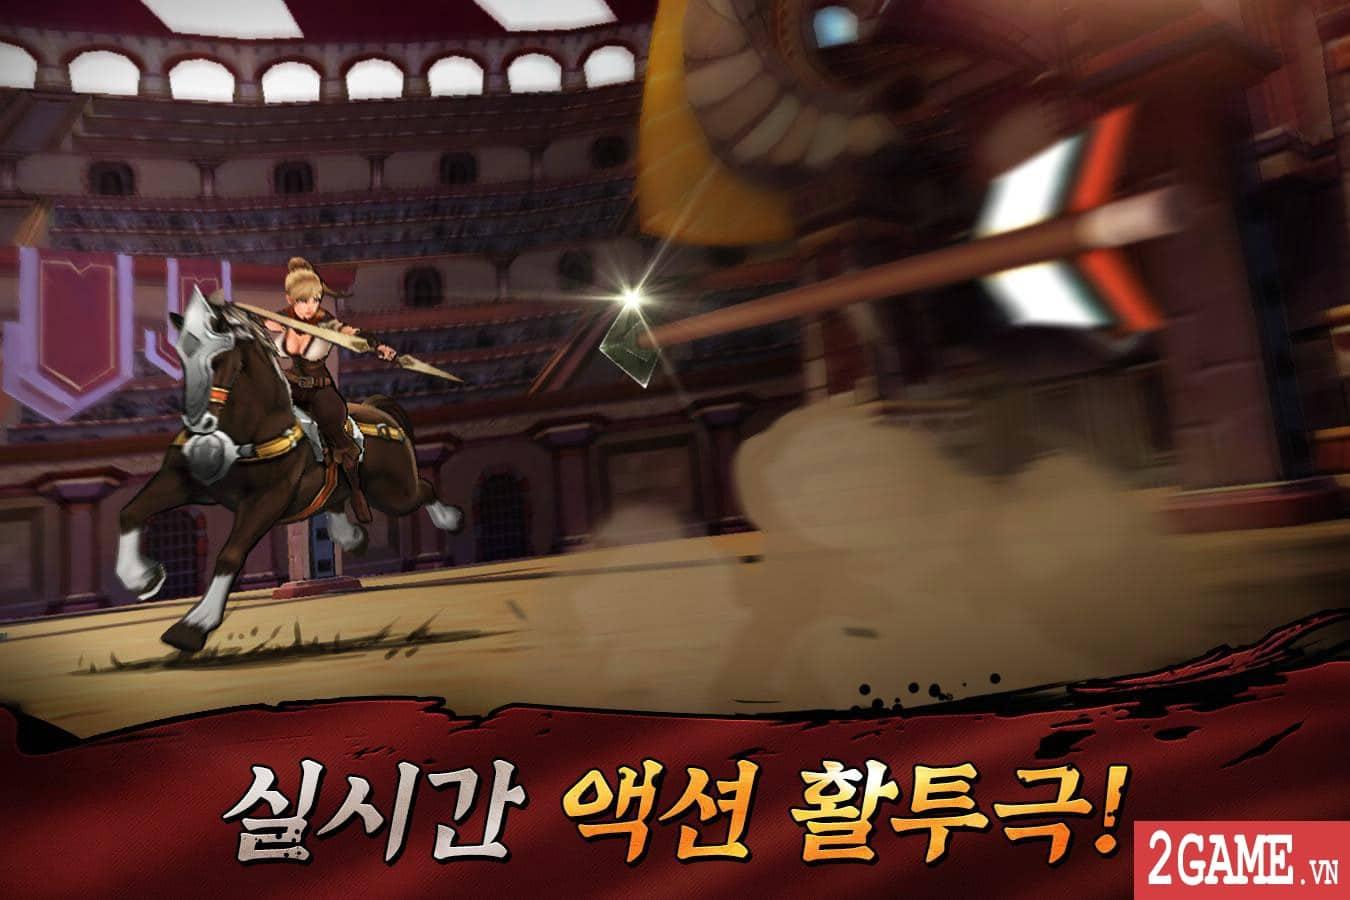 Battle of Arrow - Game đọ tài thiện xạ cực chất của người Hàn Quốc 0